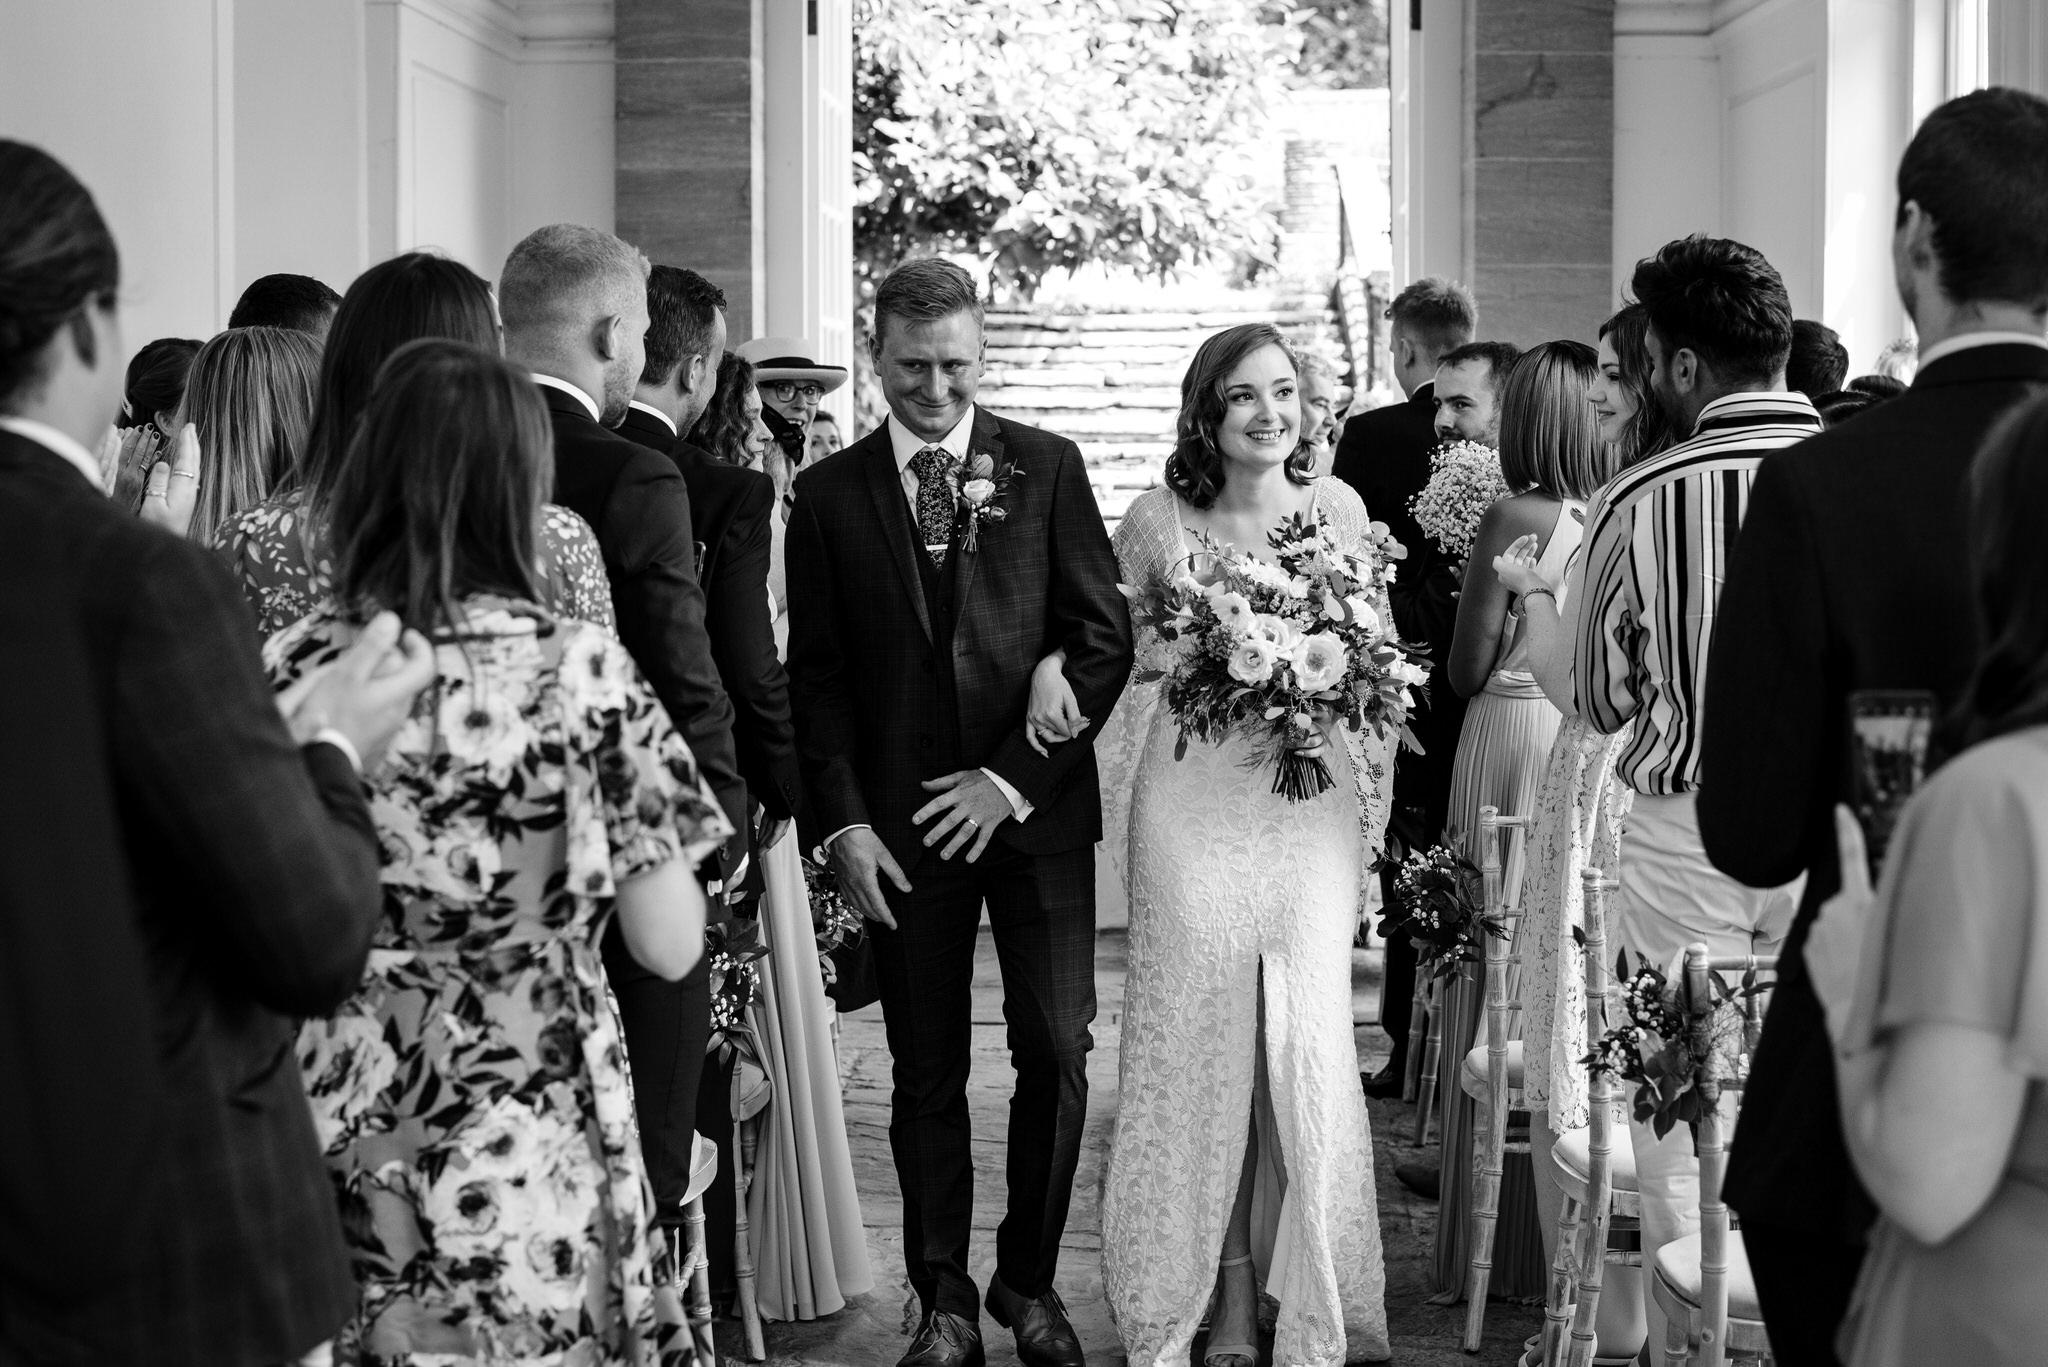 Hestercombe gardens wedding ceremony